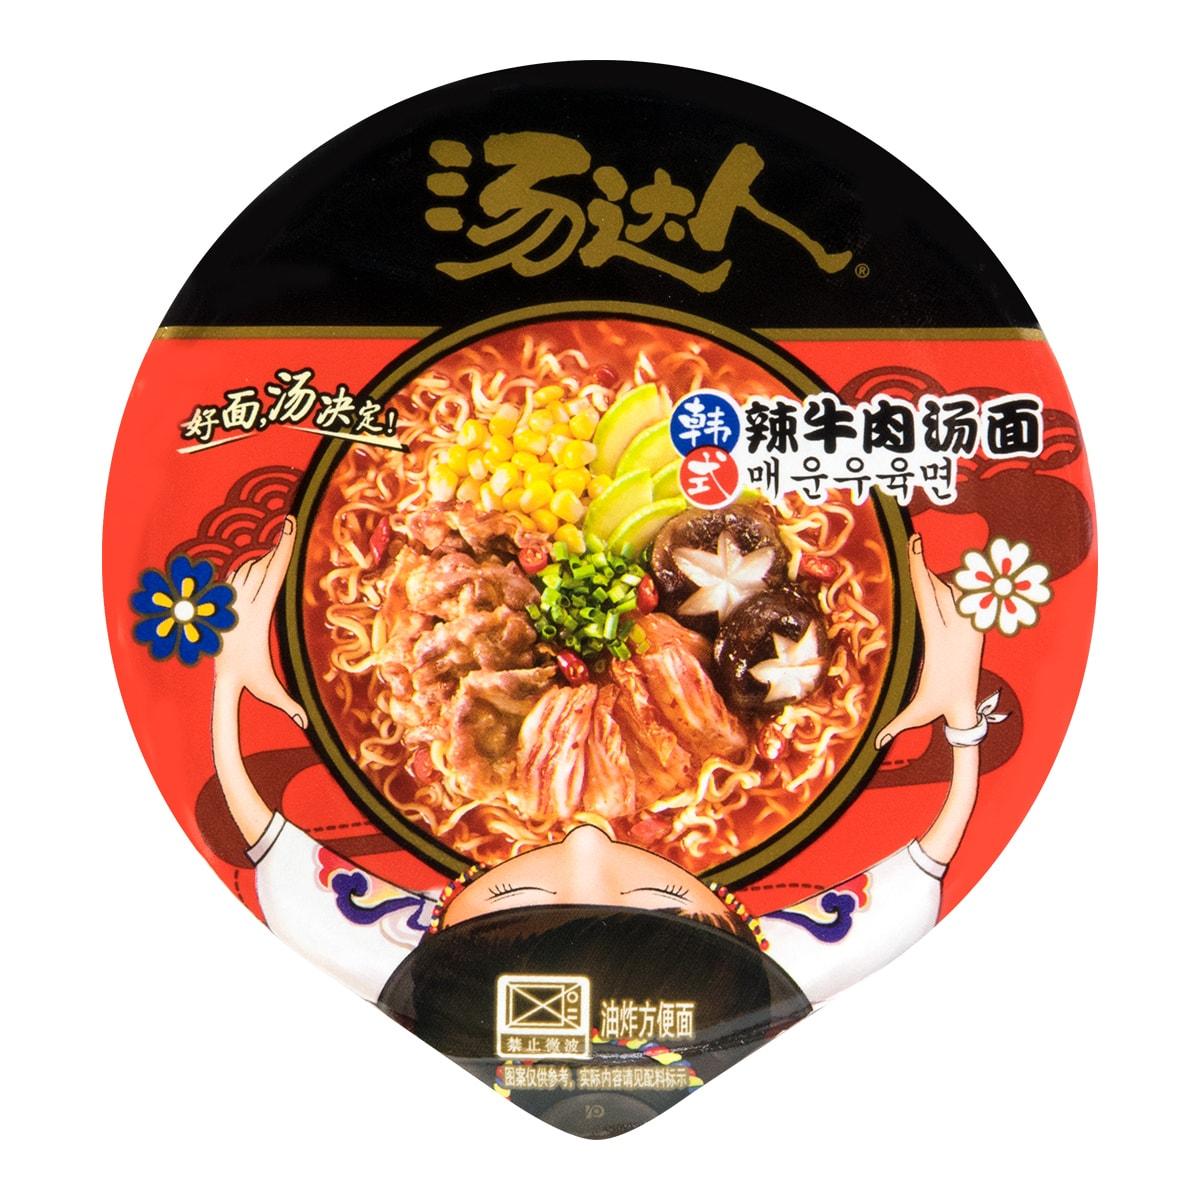 台湾统一 汤达人 韩式辣牛肉汤面 杯装 82g 怎么样 - 亚米网